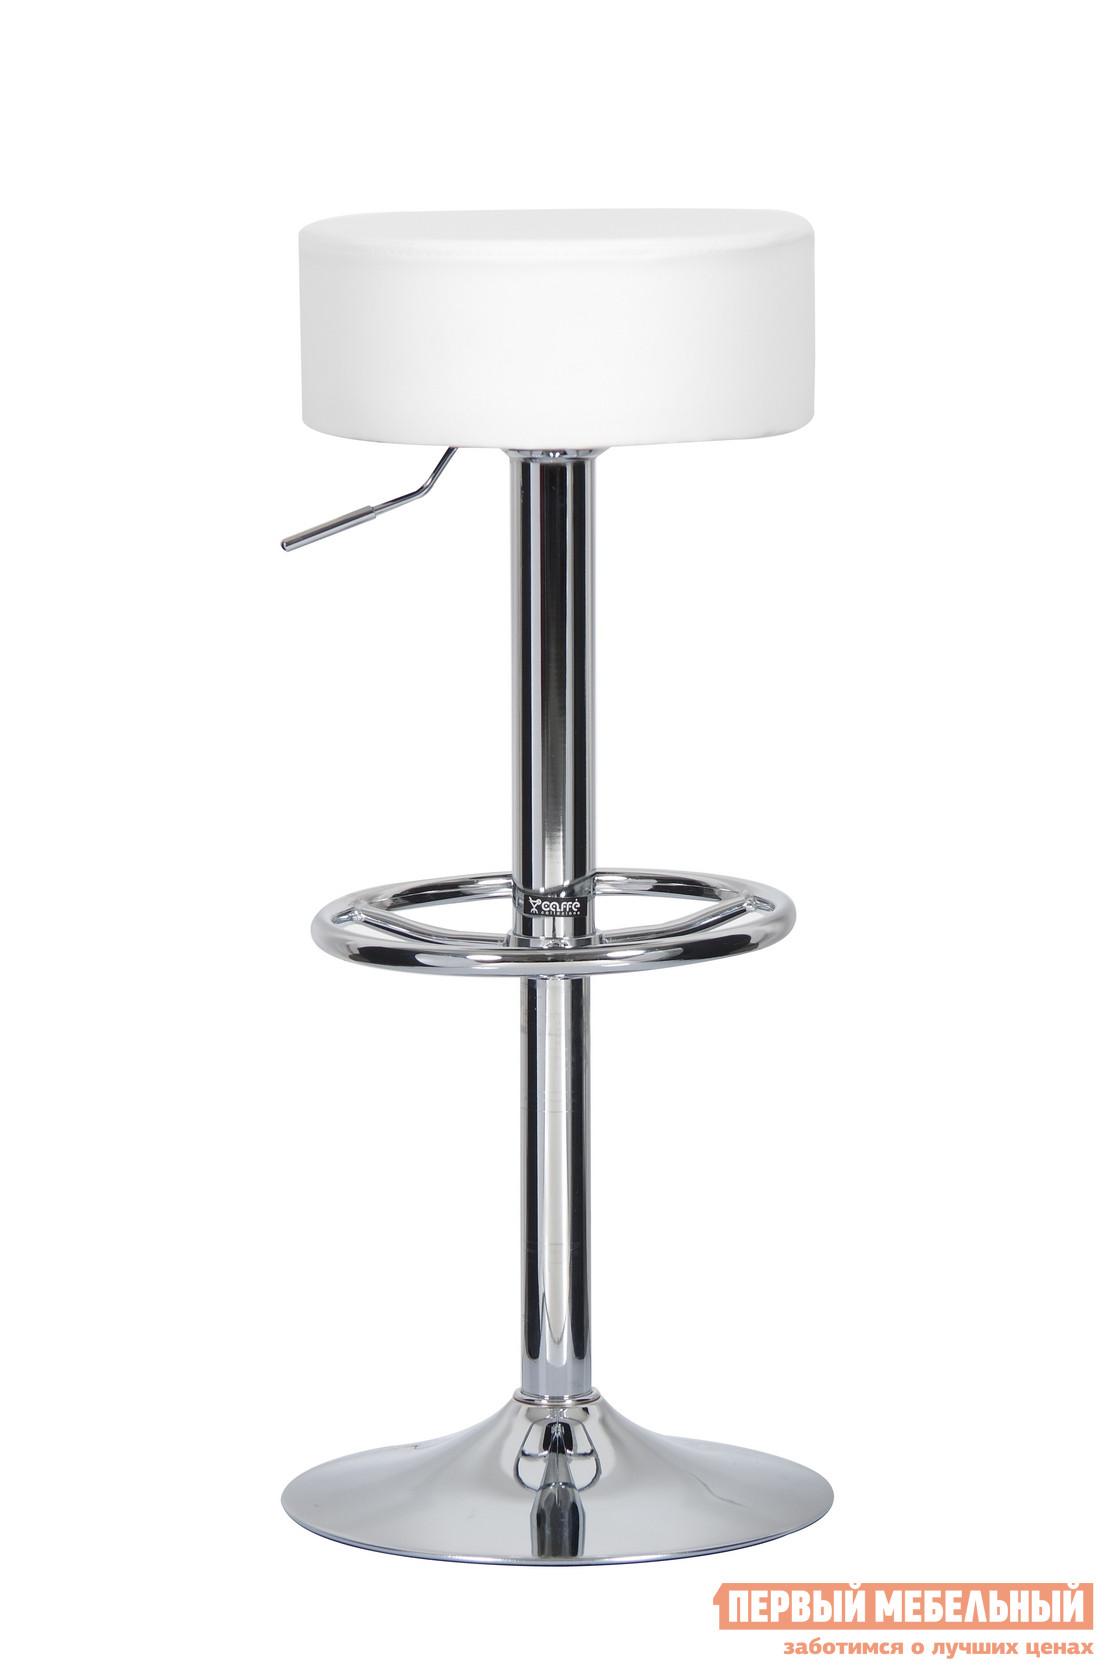 Барный стул Паоли Punto T-355 (круглая подножка) White кожзамБарные стулья<br>Габаритные размеры ВхШхГ 700 / 800x350x350 мм. Классический барный стул станет прекрасным дополнением как яркого домашнего интерьера, так и кафе, бара, ресторана.  Сиденье круглой формы в форме «таблетки» с наполнителем из поролона установлено на опору с газ-лифтом, что позволяет с легкостью регулировать высоту сидения. Лаконичный минималистский дизайн стула придется по вкусу ценителям и модерна, и классики. Материалы: хромированная сталь,  дерево, газ-лифт, ППУ средней плотности, обивка из высококачественной искусственной кожи  PVC. Минимальный срок службы: 10 лет. Нагрузка на газ-лифт: до 100 кг. Высота сиденья регулируется: от 69 до 89 см.<br><br>Цвет: Белый<br>Высота мм: 700 / 800<br>Ширина мм: 350<br>Глубина мм: 350<br>Кол-во упаковок: 1<br>Форма поставки: В разобранном виде<br>Срок гарантии: 12 месяцев<br>Тип: Для кухни<br>Тип: Регулируемые по высоте<br>Тип: Высота сиденья 600-700мм<br>Материал: Металл<br>Материал: Искусственная кожа<br>Форма: Круглые<br>С мягким сиденьем: Да<br>С одной ножкой: Да<br>Без спинки: Да